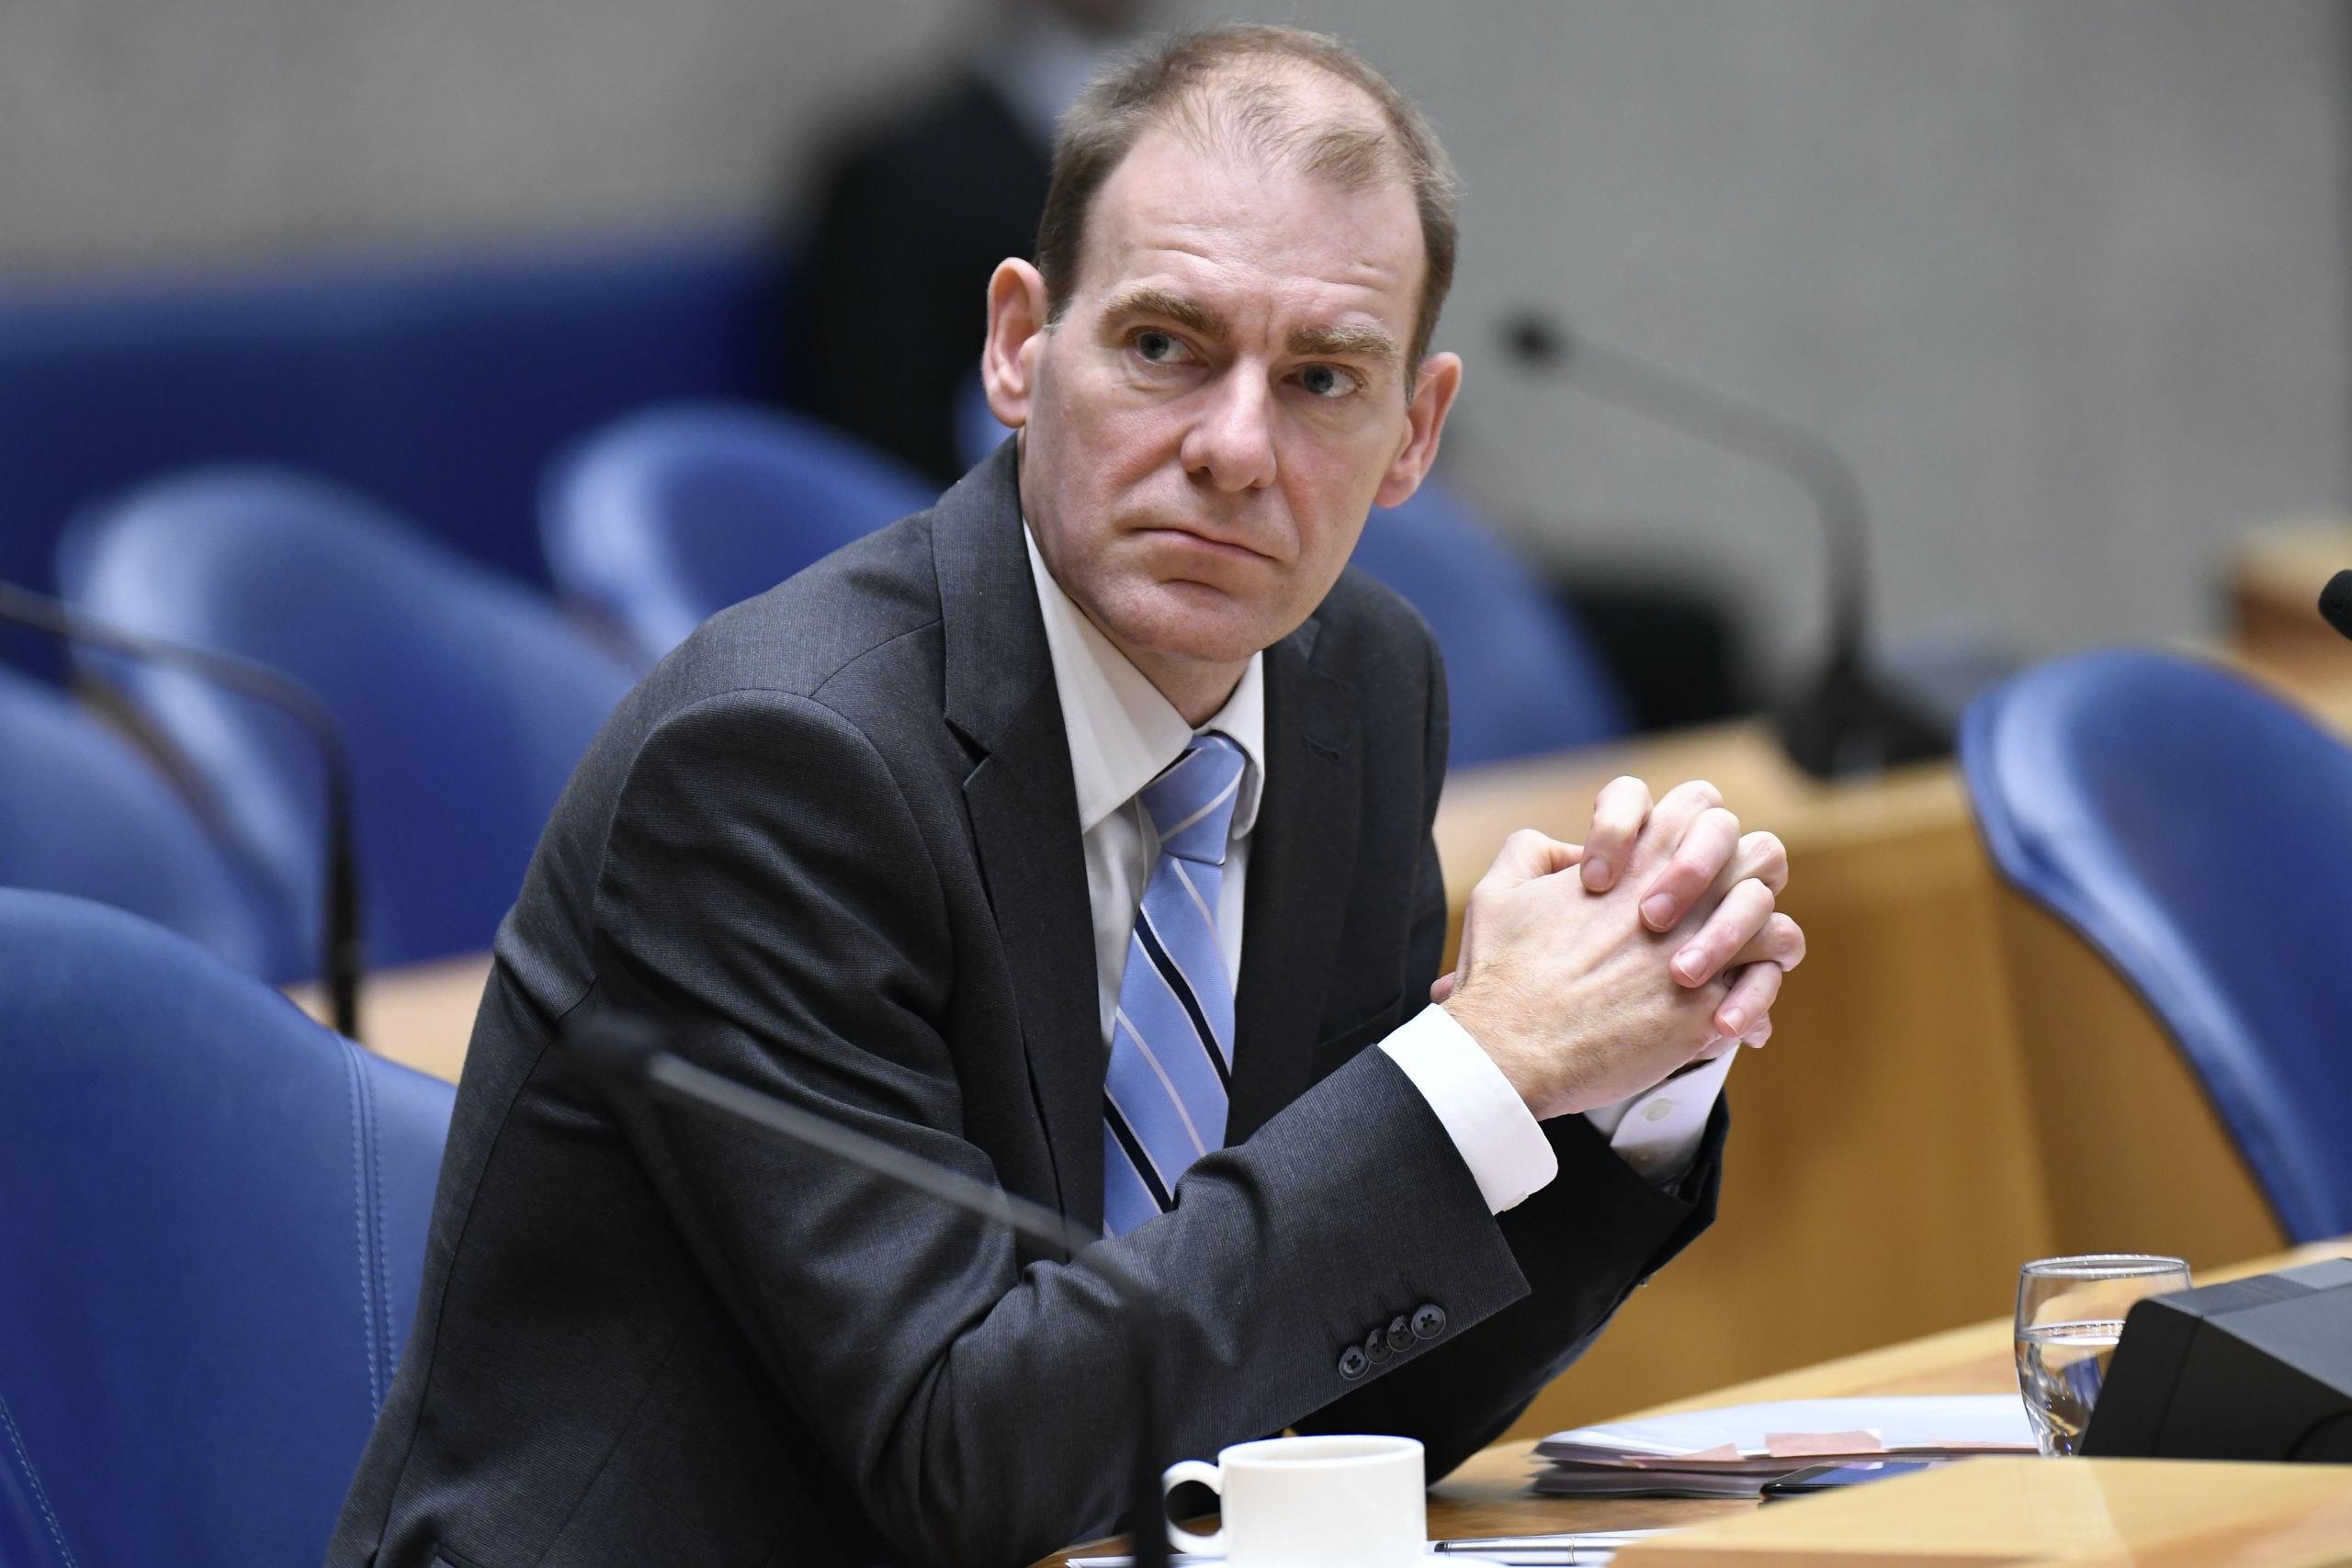 Nederland, Den Haag, 21 nov. 2017,     Menno Snel Staatssecretaris van financien ( D66) tijdens debat belastingplan 2018 in de Tweede Kamer politiek  foto; Peter Hilz / HH